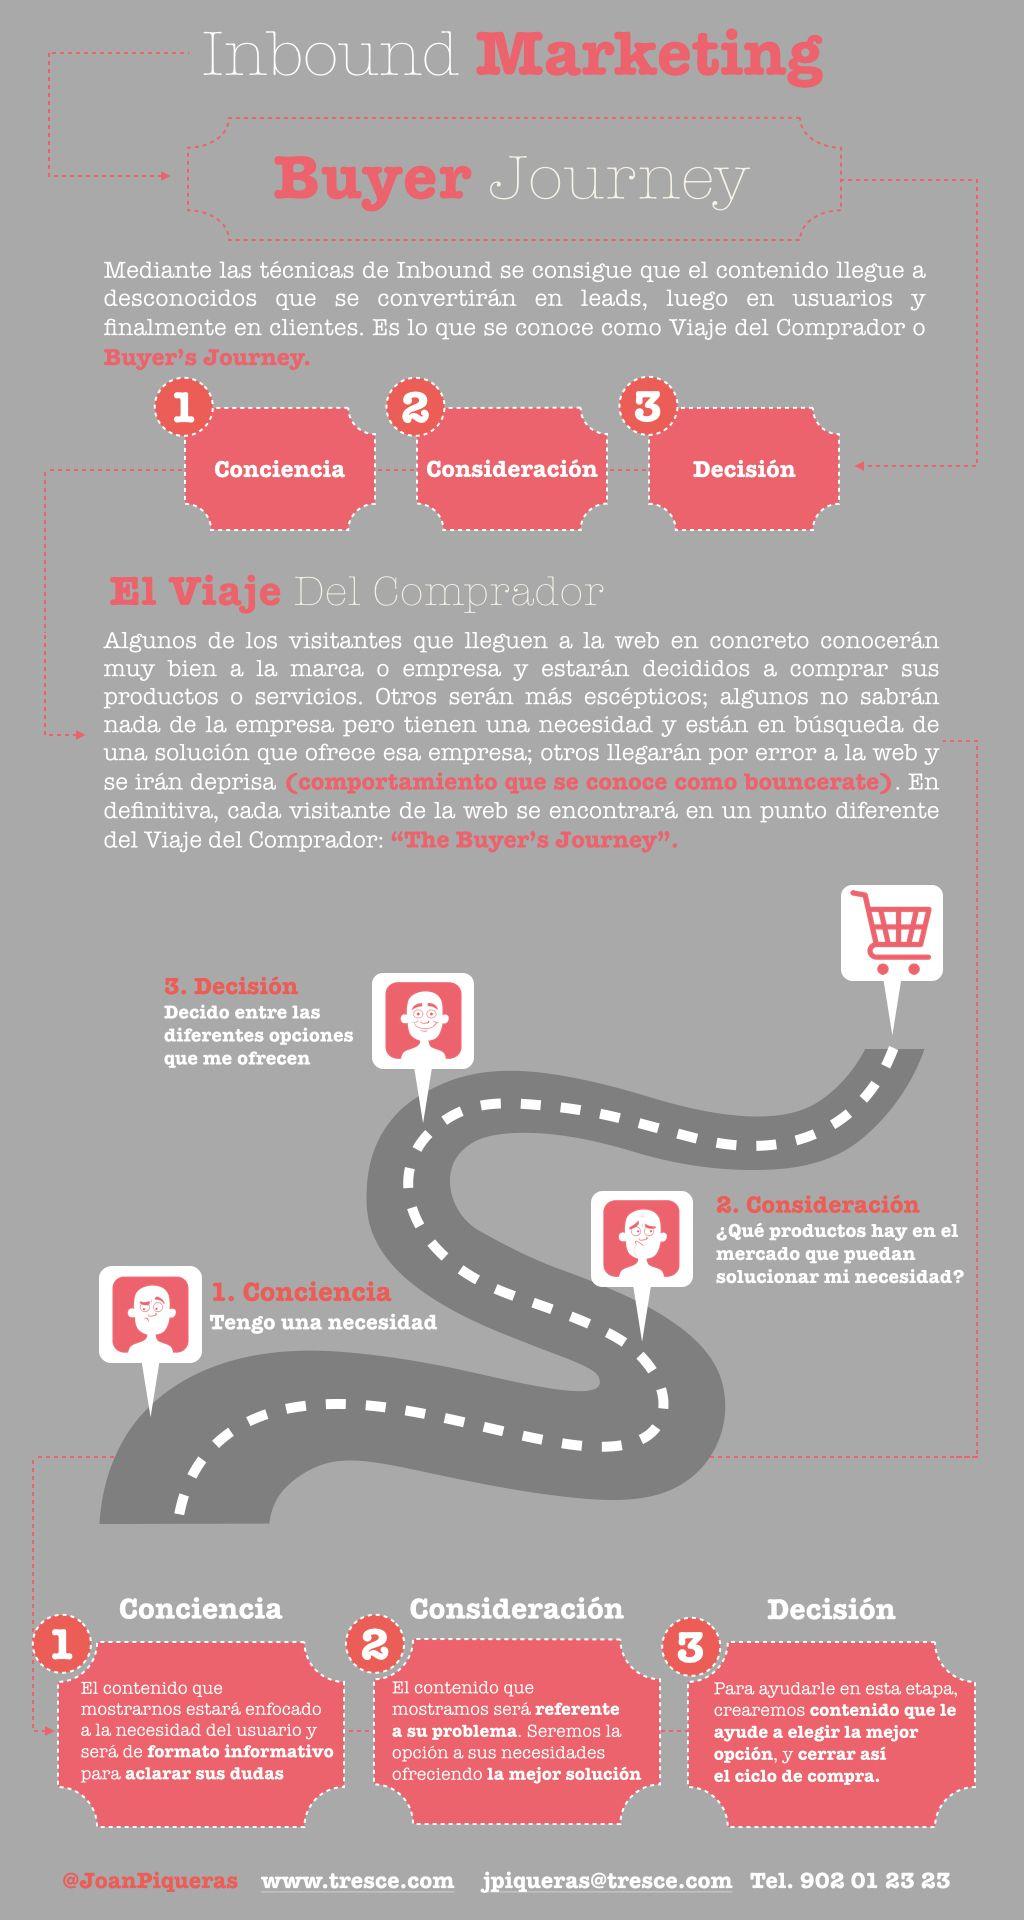 Infografía definición del Buyer Journey: El viaje del comprador. Una de las áreas más importantes dentro de la metodología de Inbound Marketing.